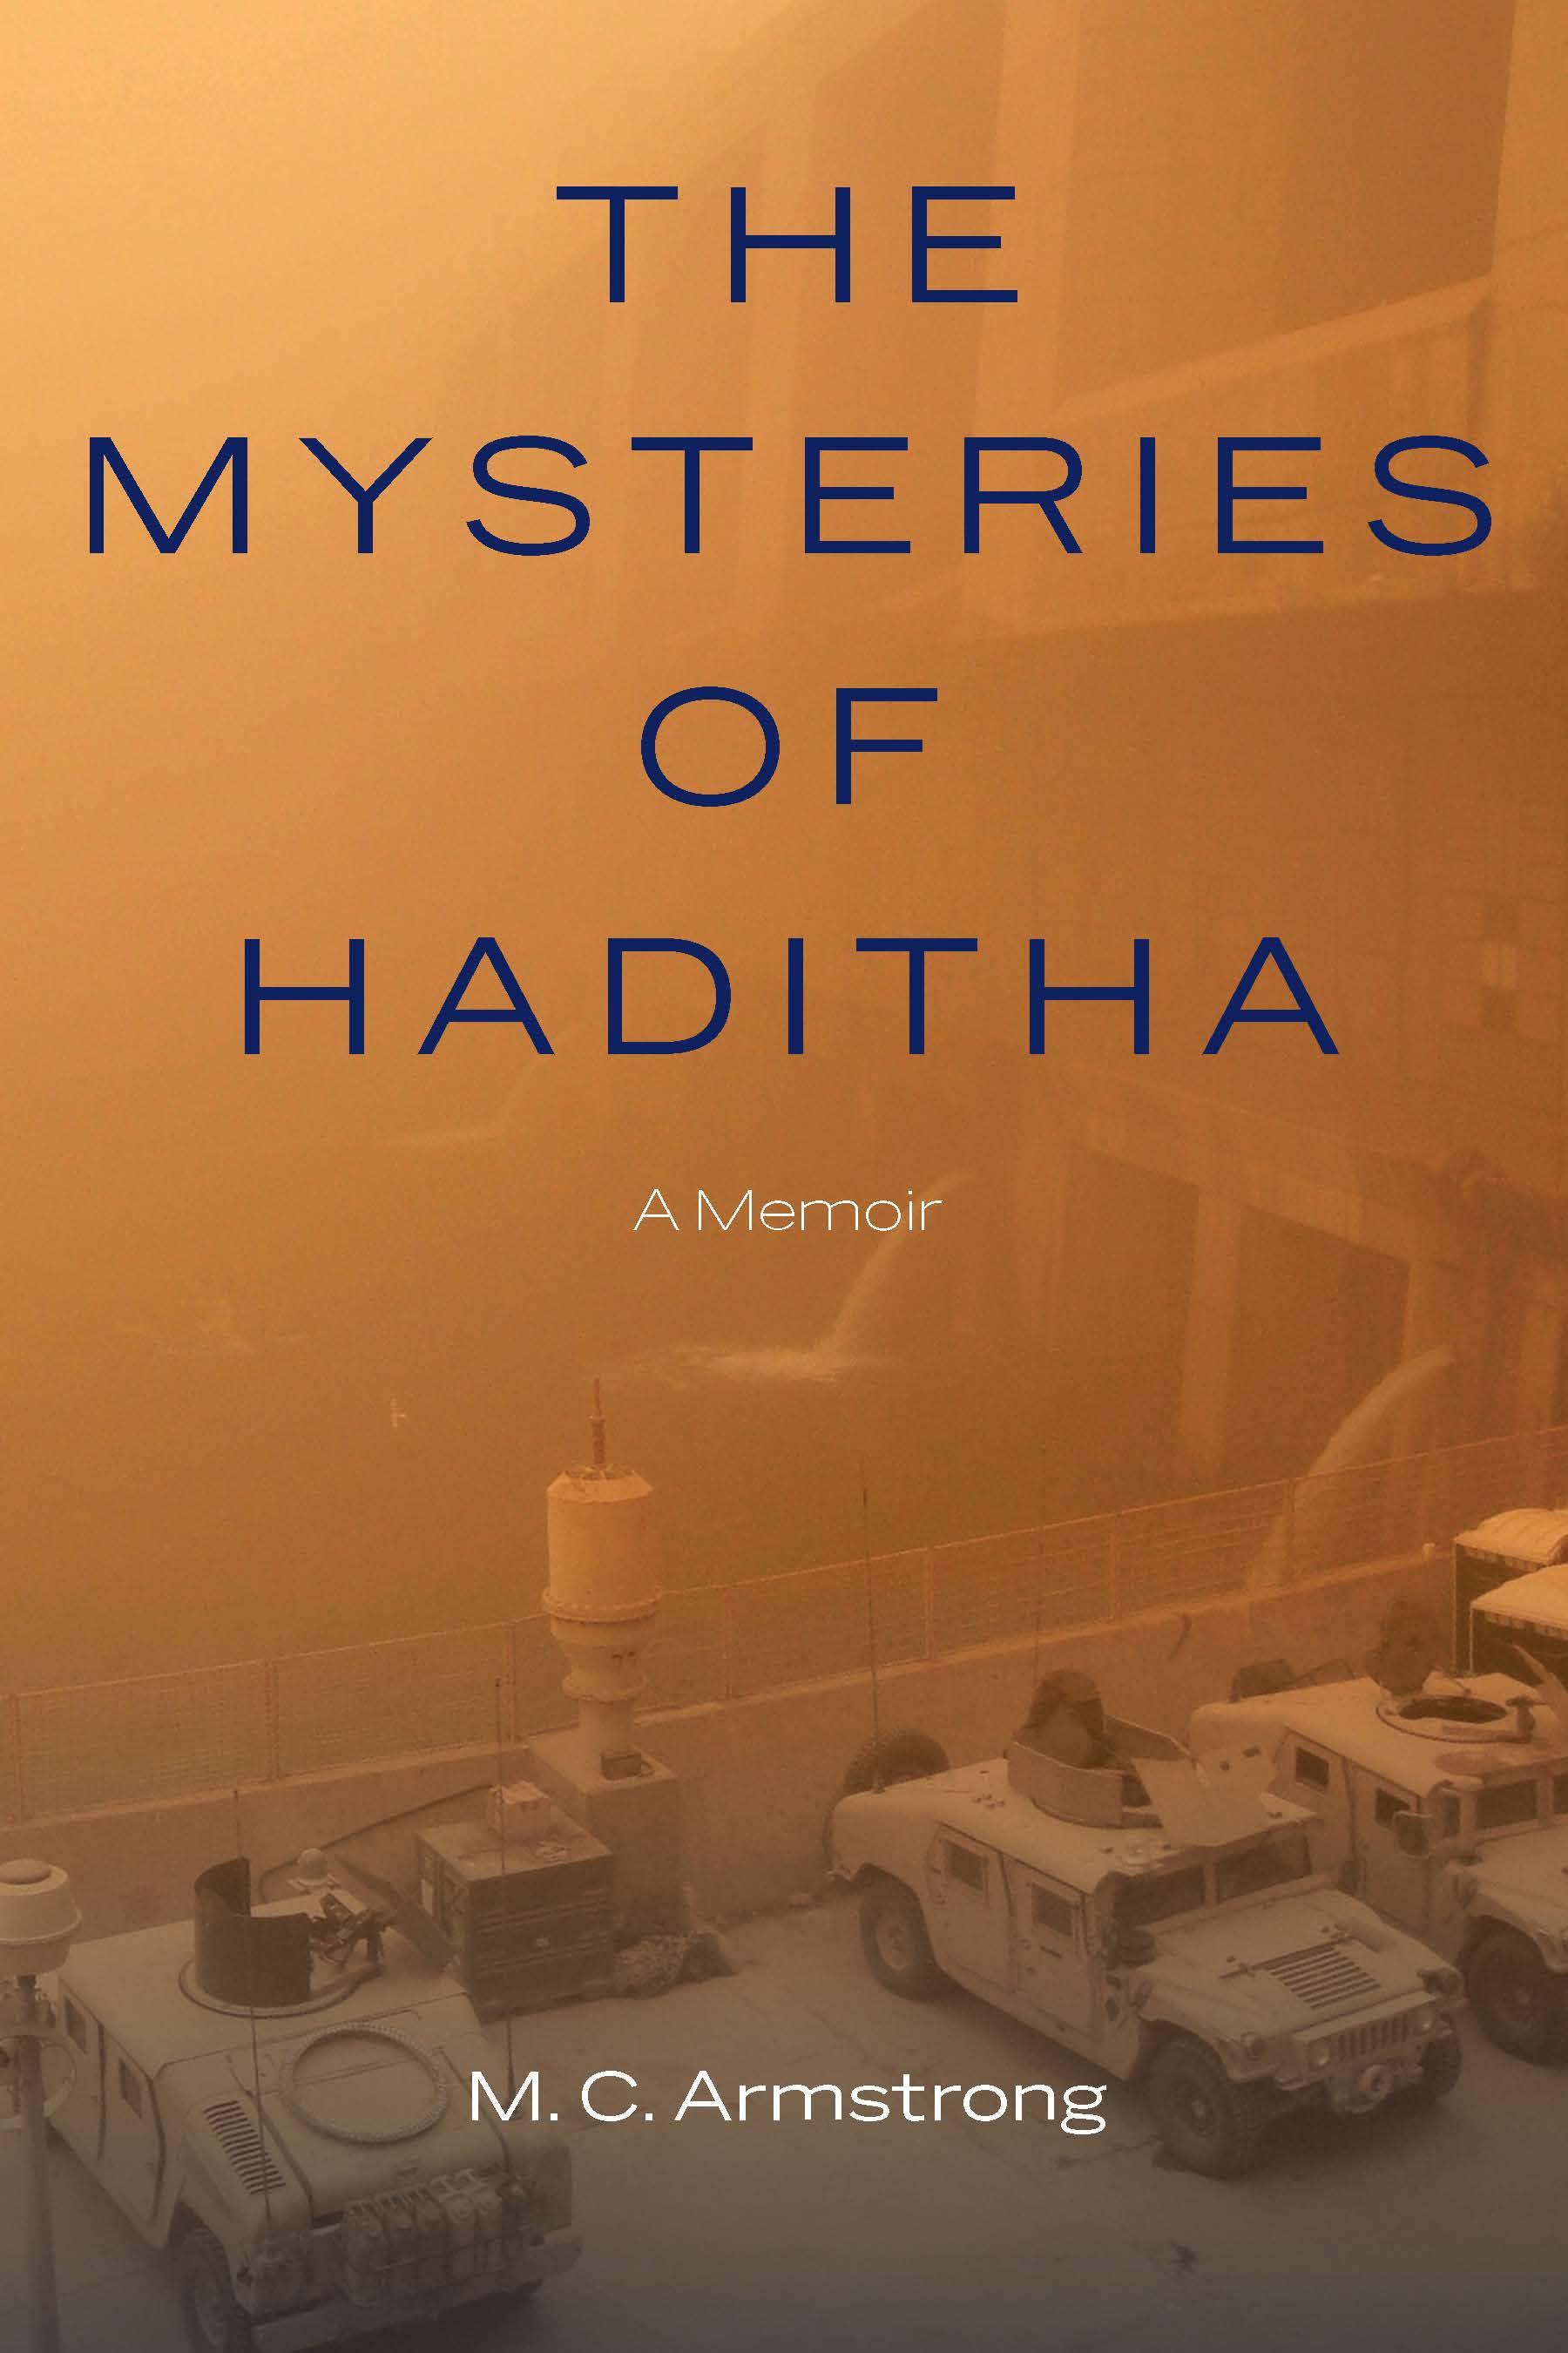 The Mysteries of Haditha: A Memoir